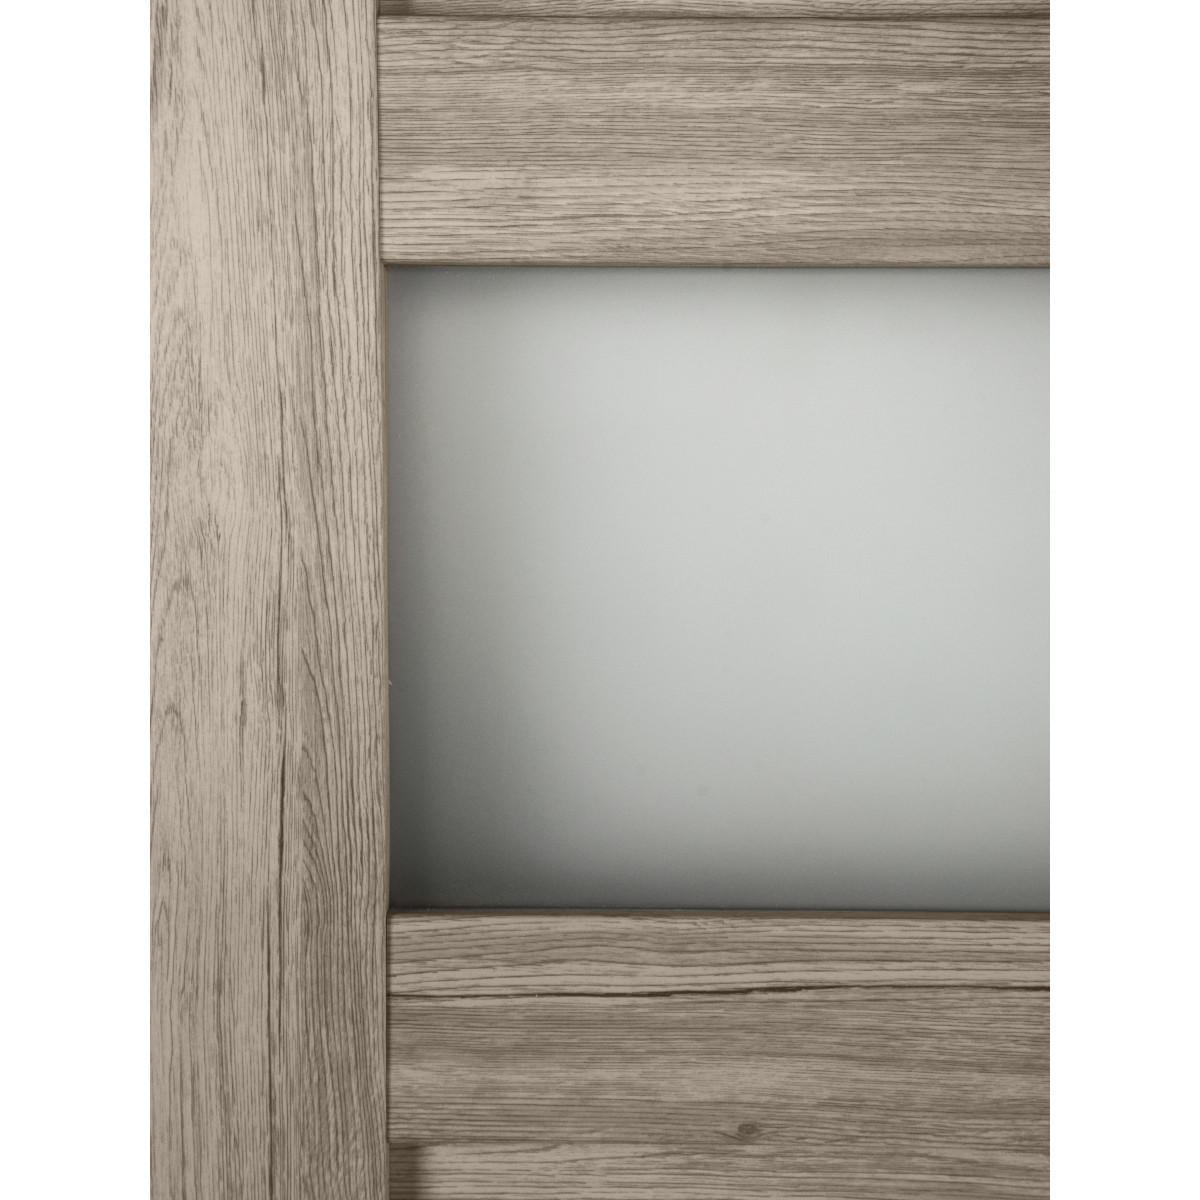 Дверь Межкомнатная Остеклённая Прэсто 80Х200 Пвх Цвет Дуб Санремо Светлый С Фурнитурой